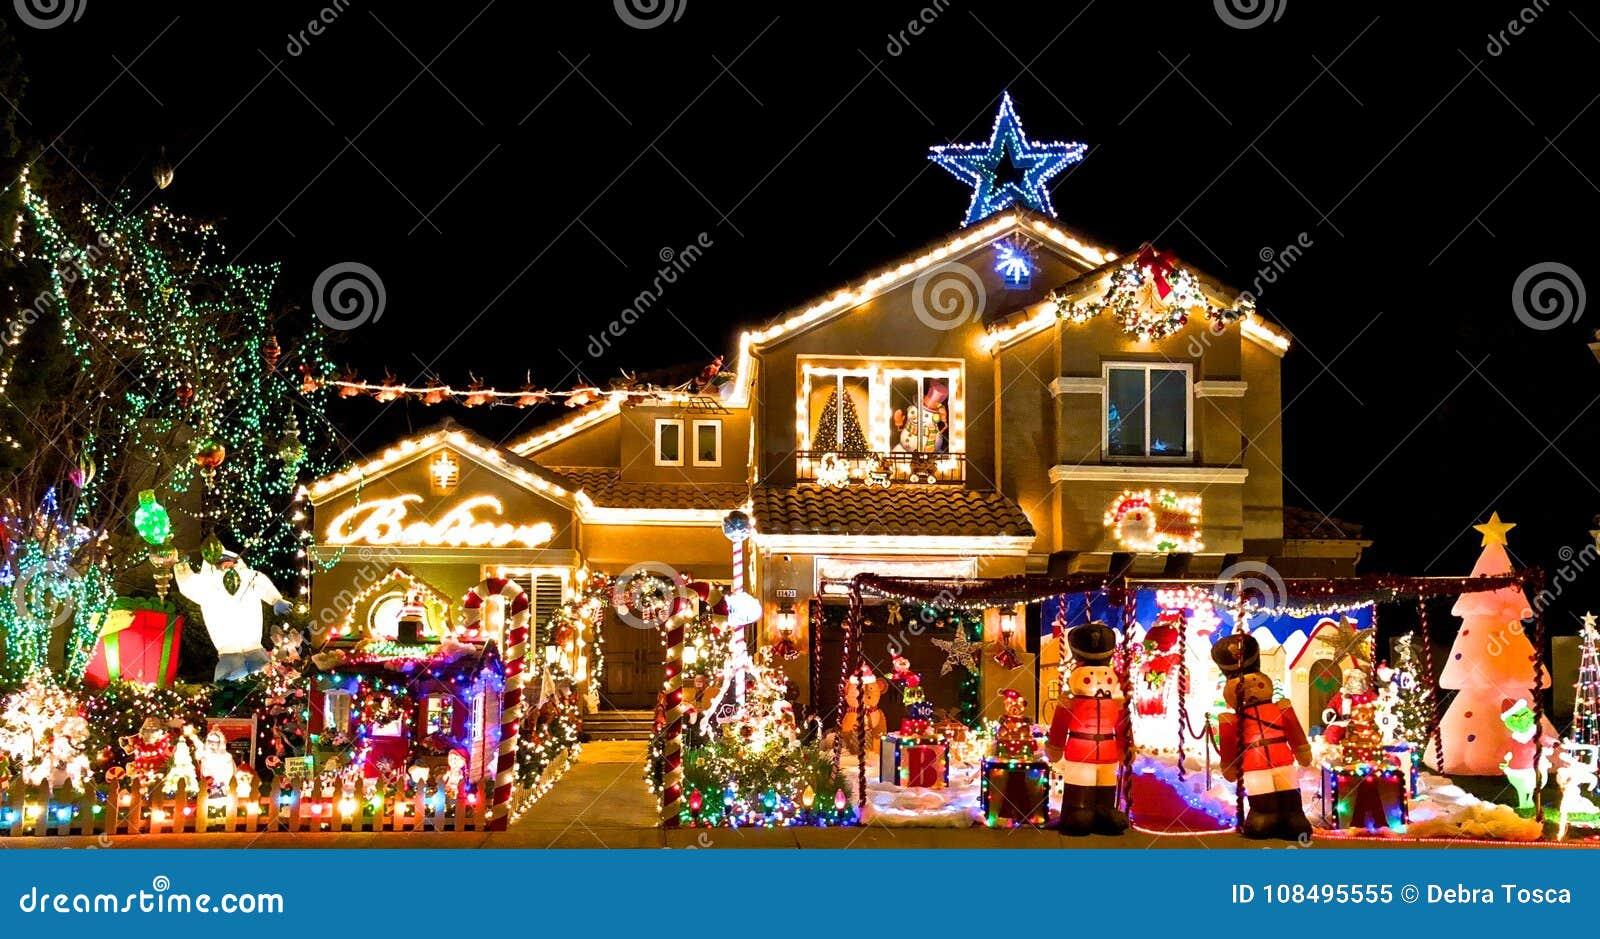 Overlys Christmas Lights.Christmas Lights Stock Image Image Of Holiday December